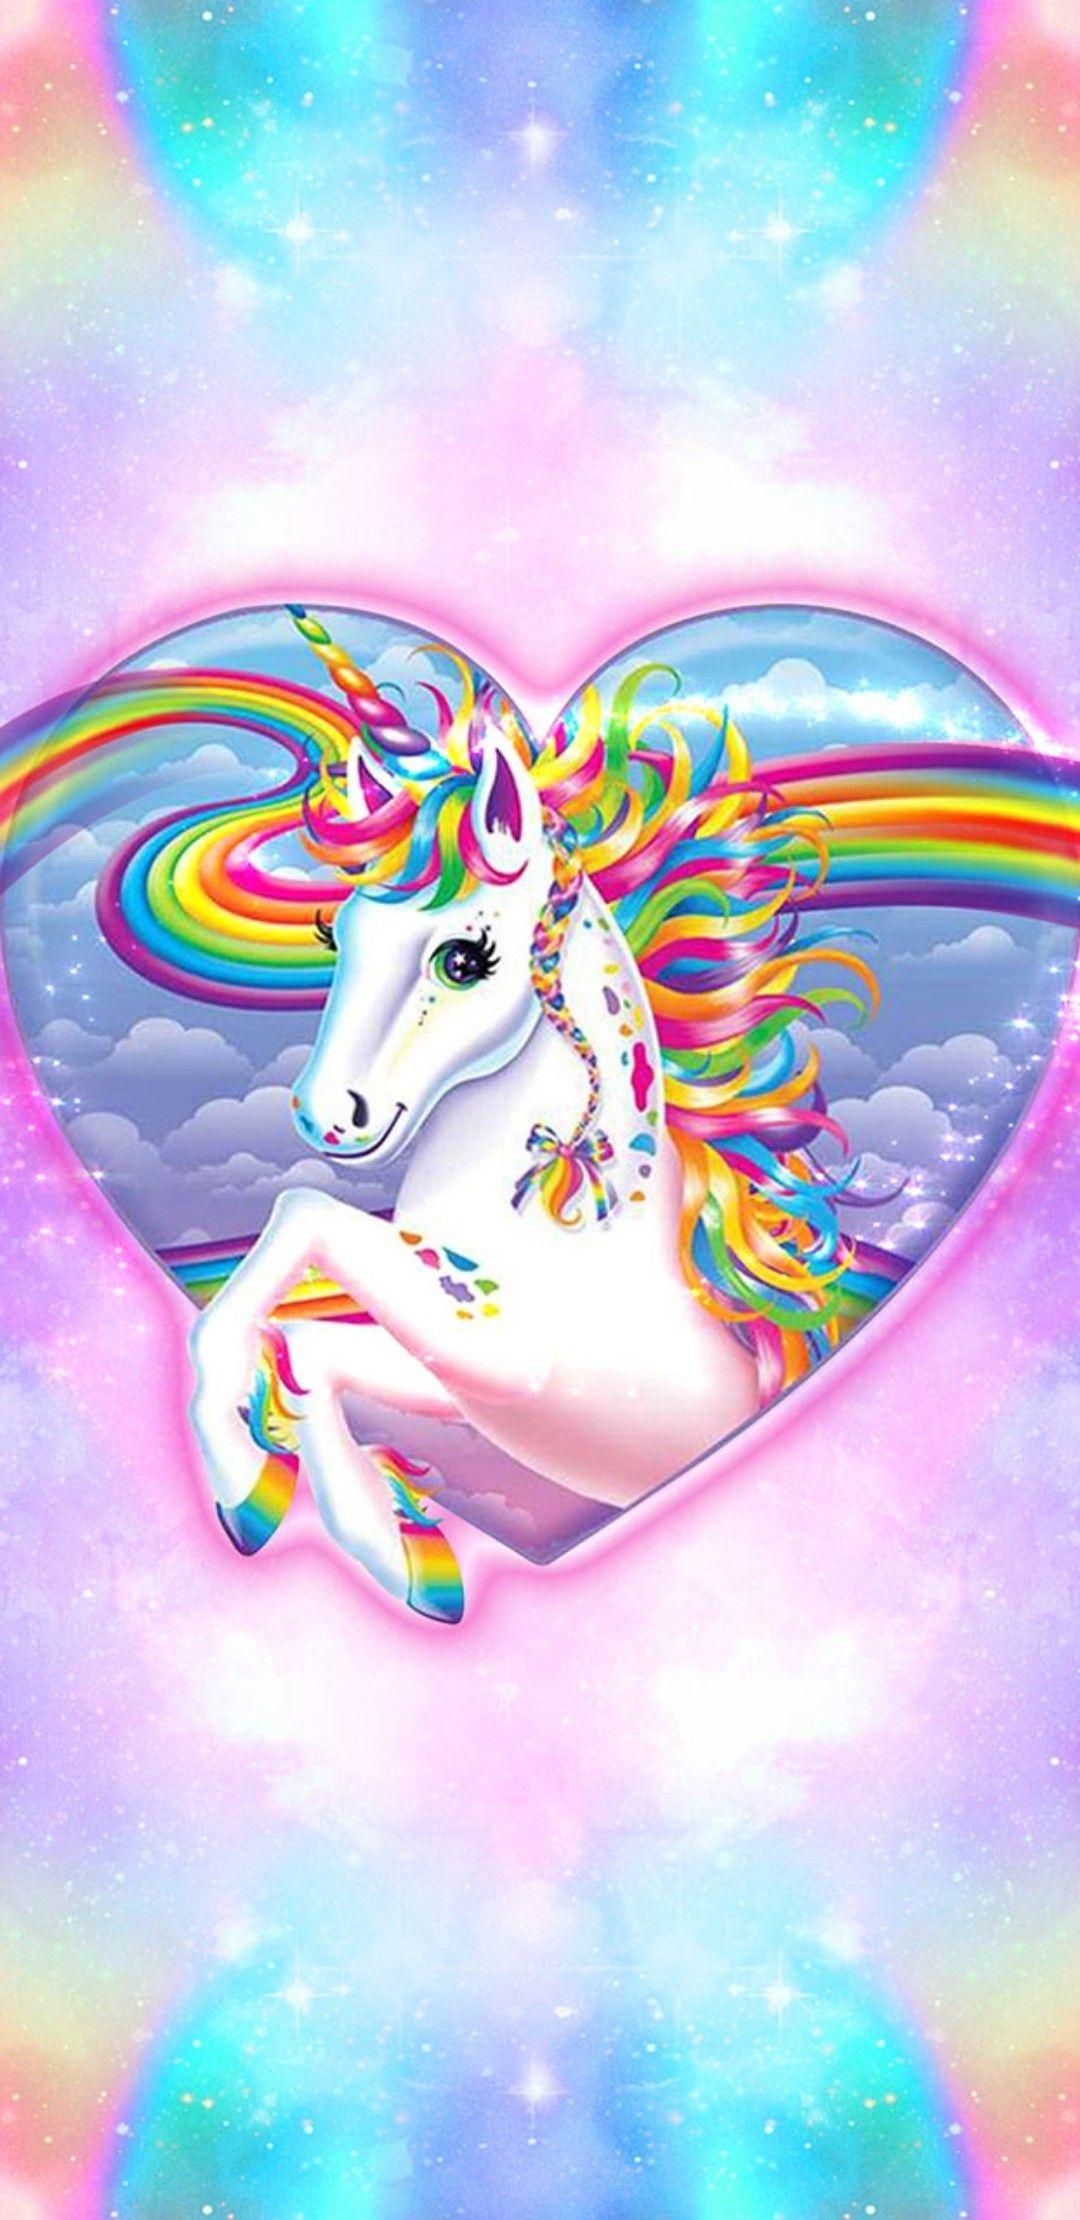 Pin By Wendy Bentley On Unicorns Unicorn Pictures Unicorn